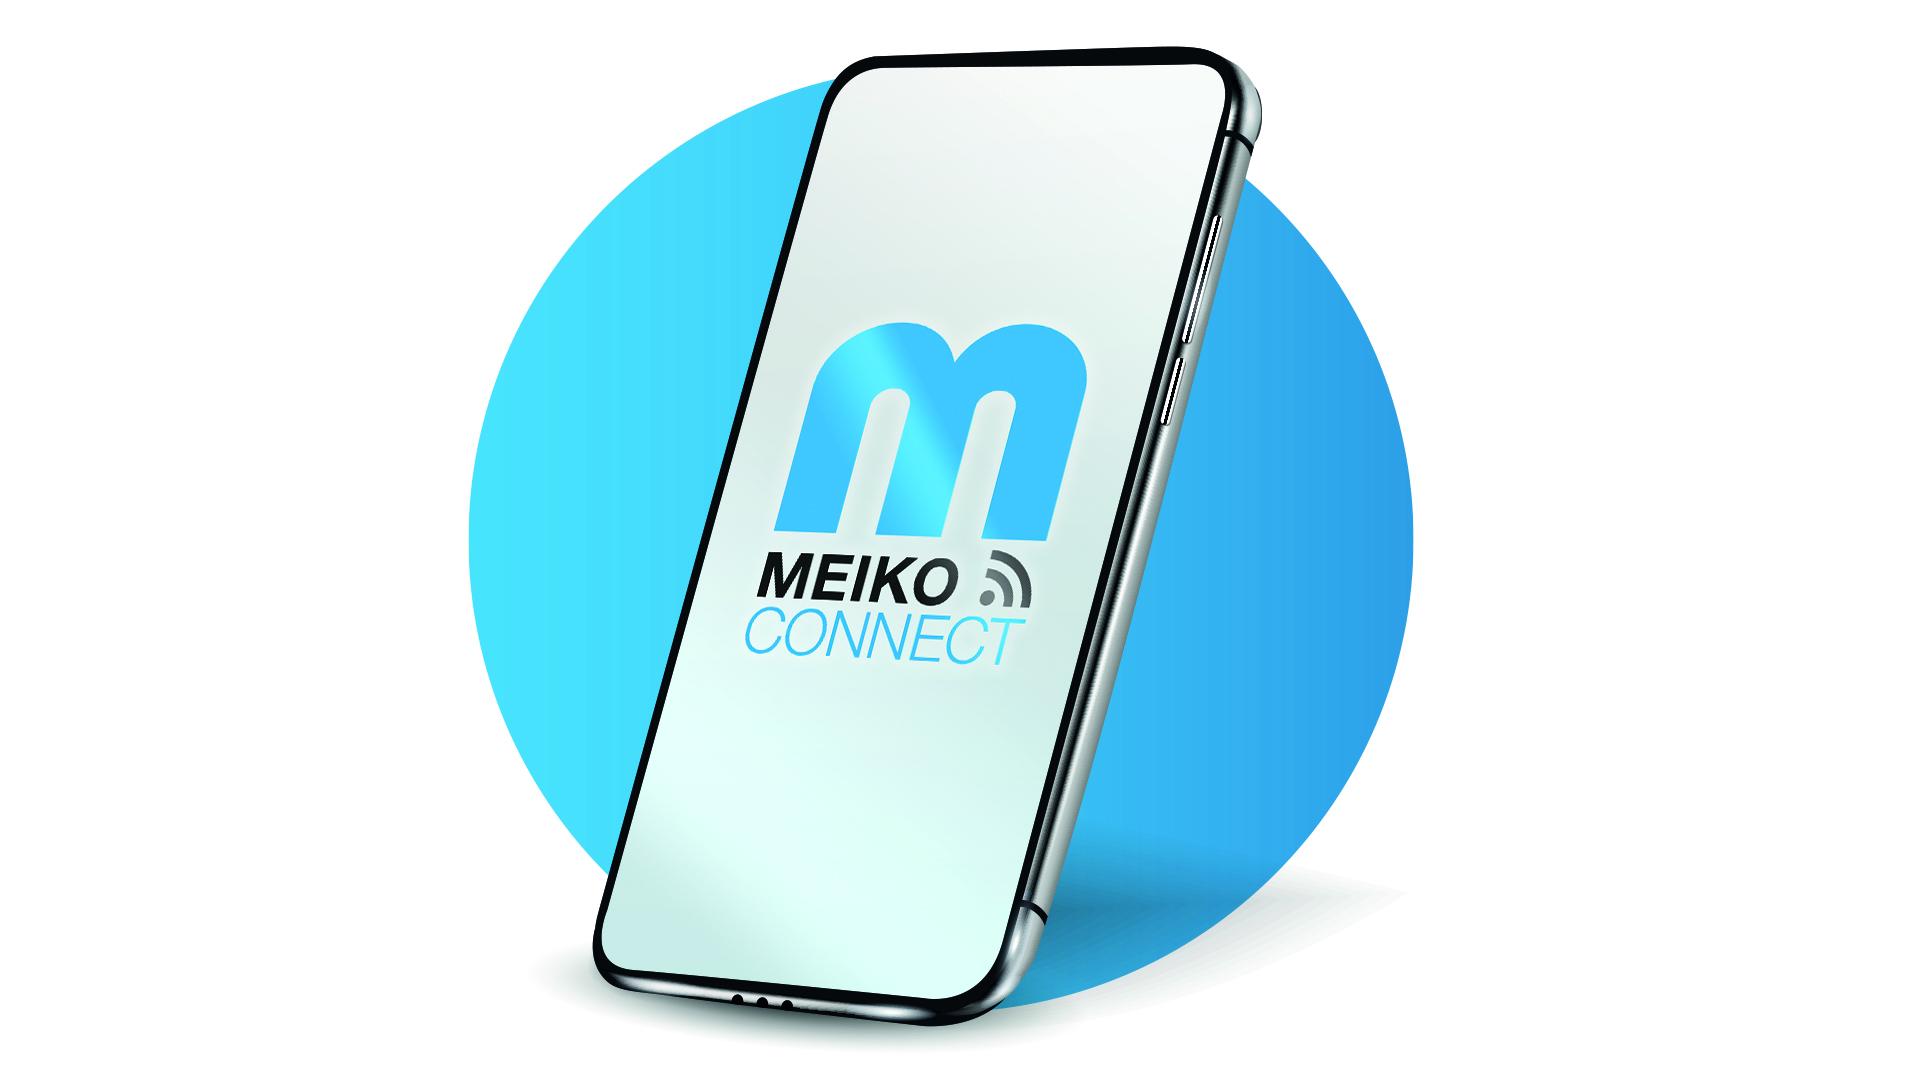 MEIKO-CONNECT-Mockup-Splash-Screen_totheleft